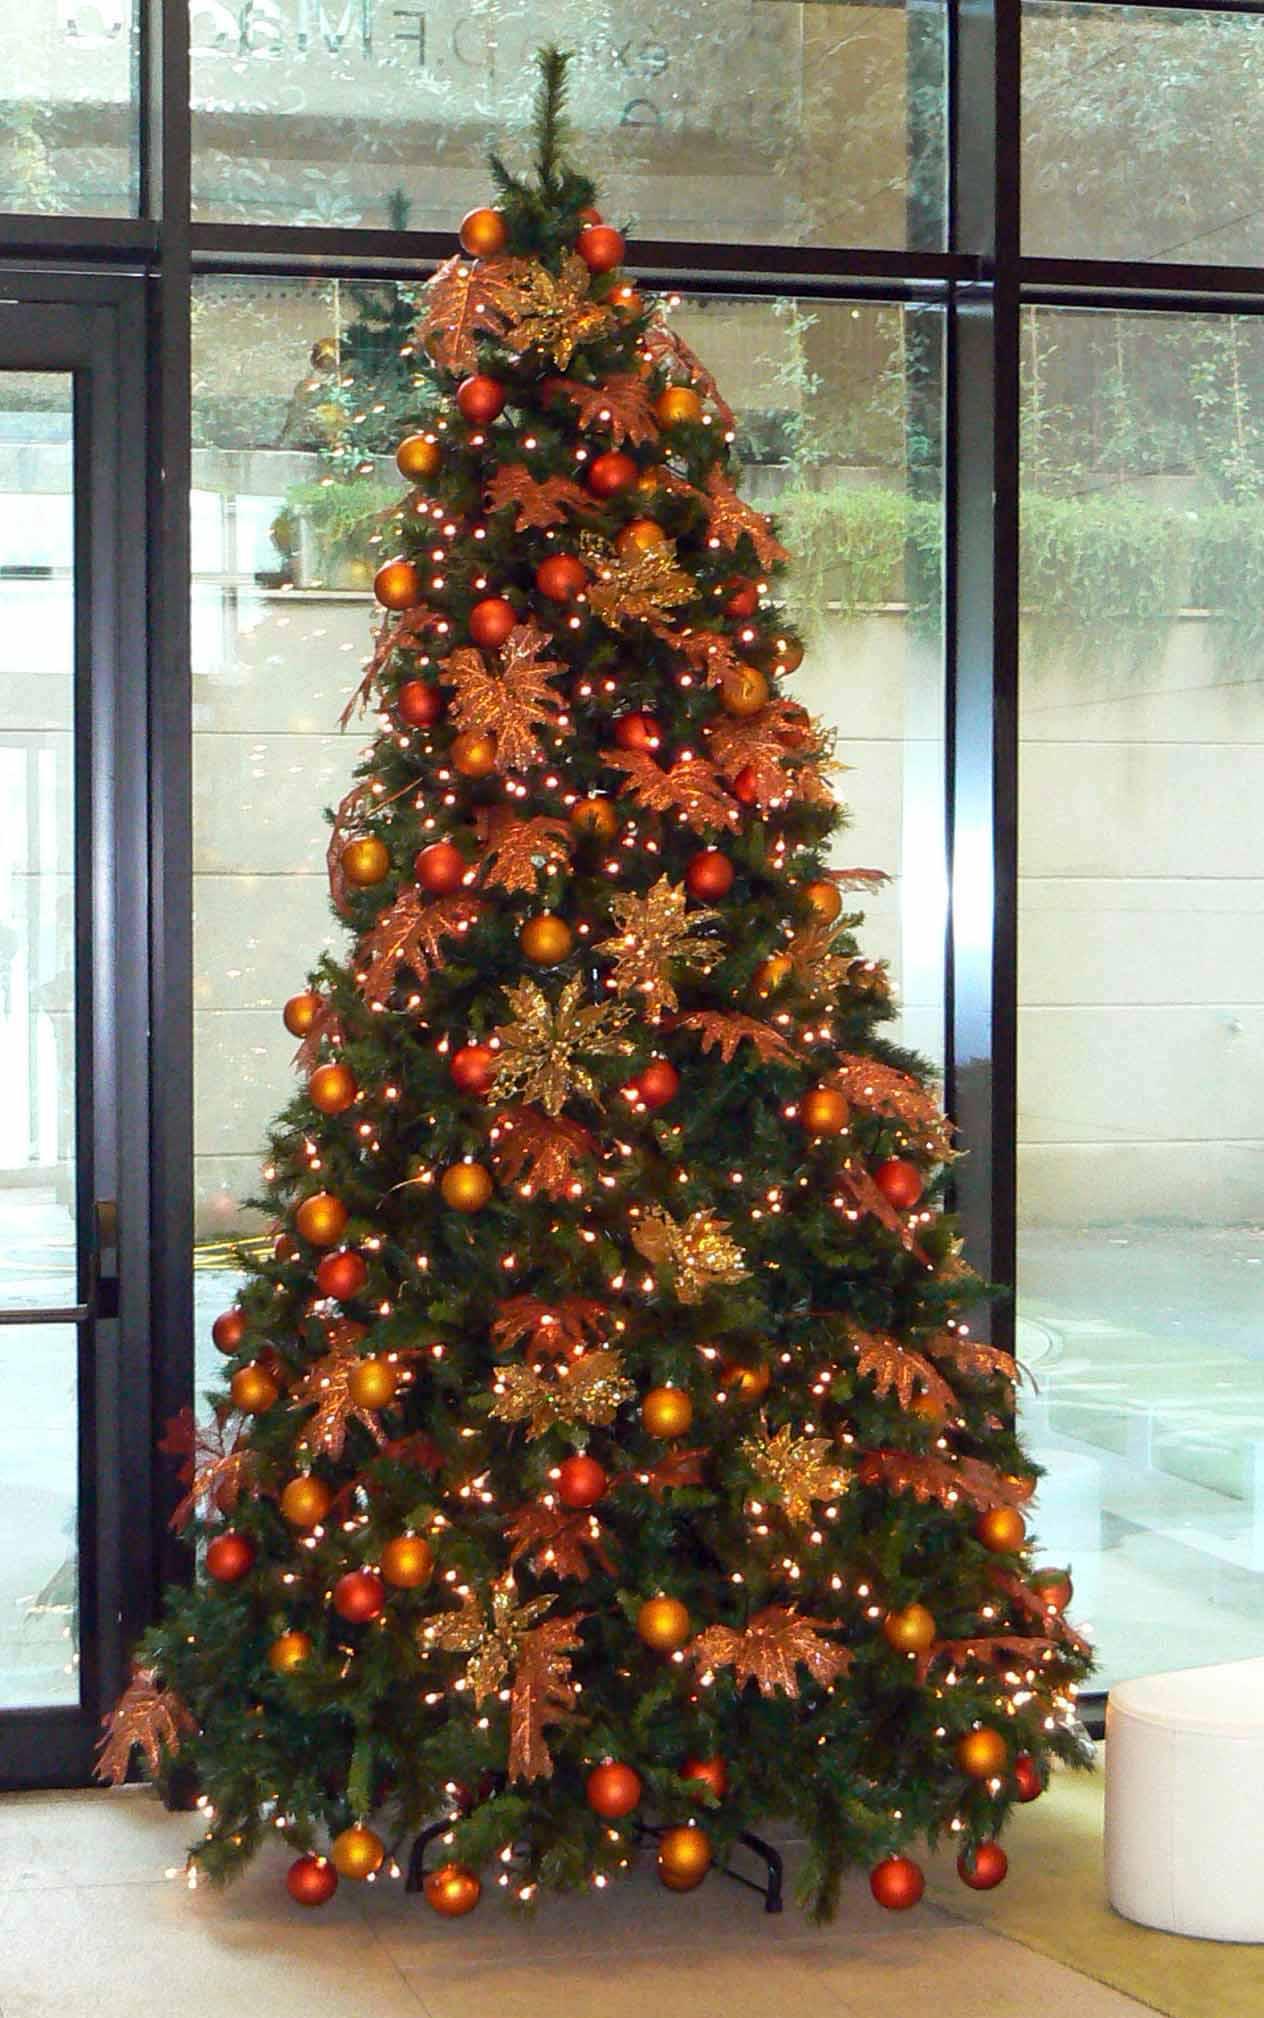 Arboles Navidad Color Naranja Bm Arboles De Navidad - Fotos-arboles-de-navidad-decorados